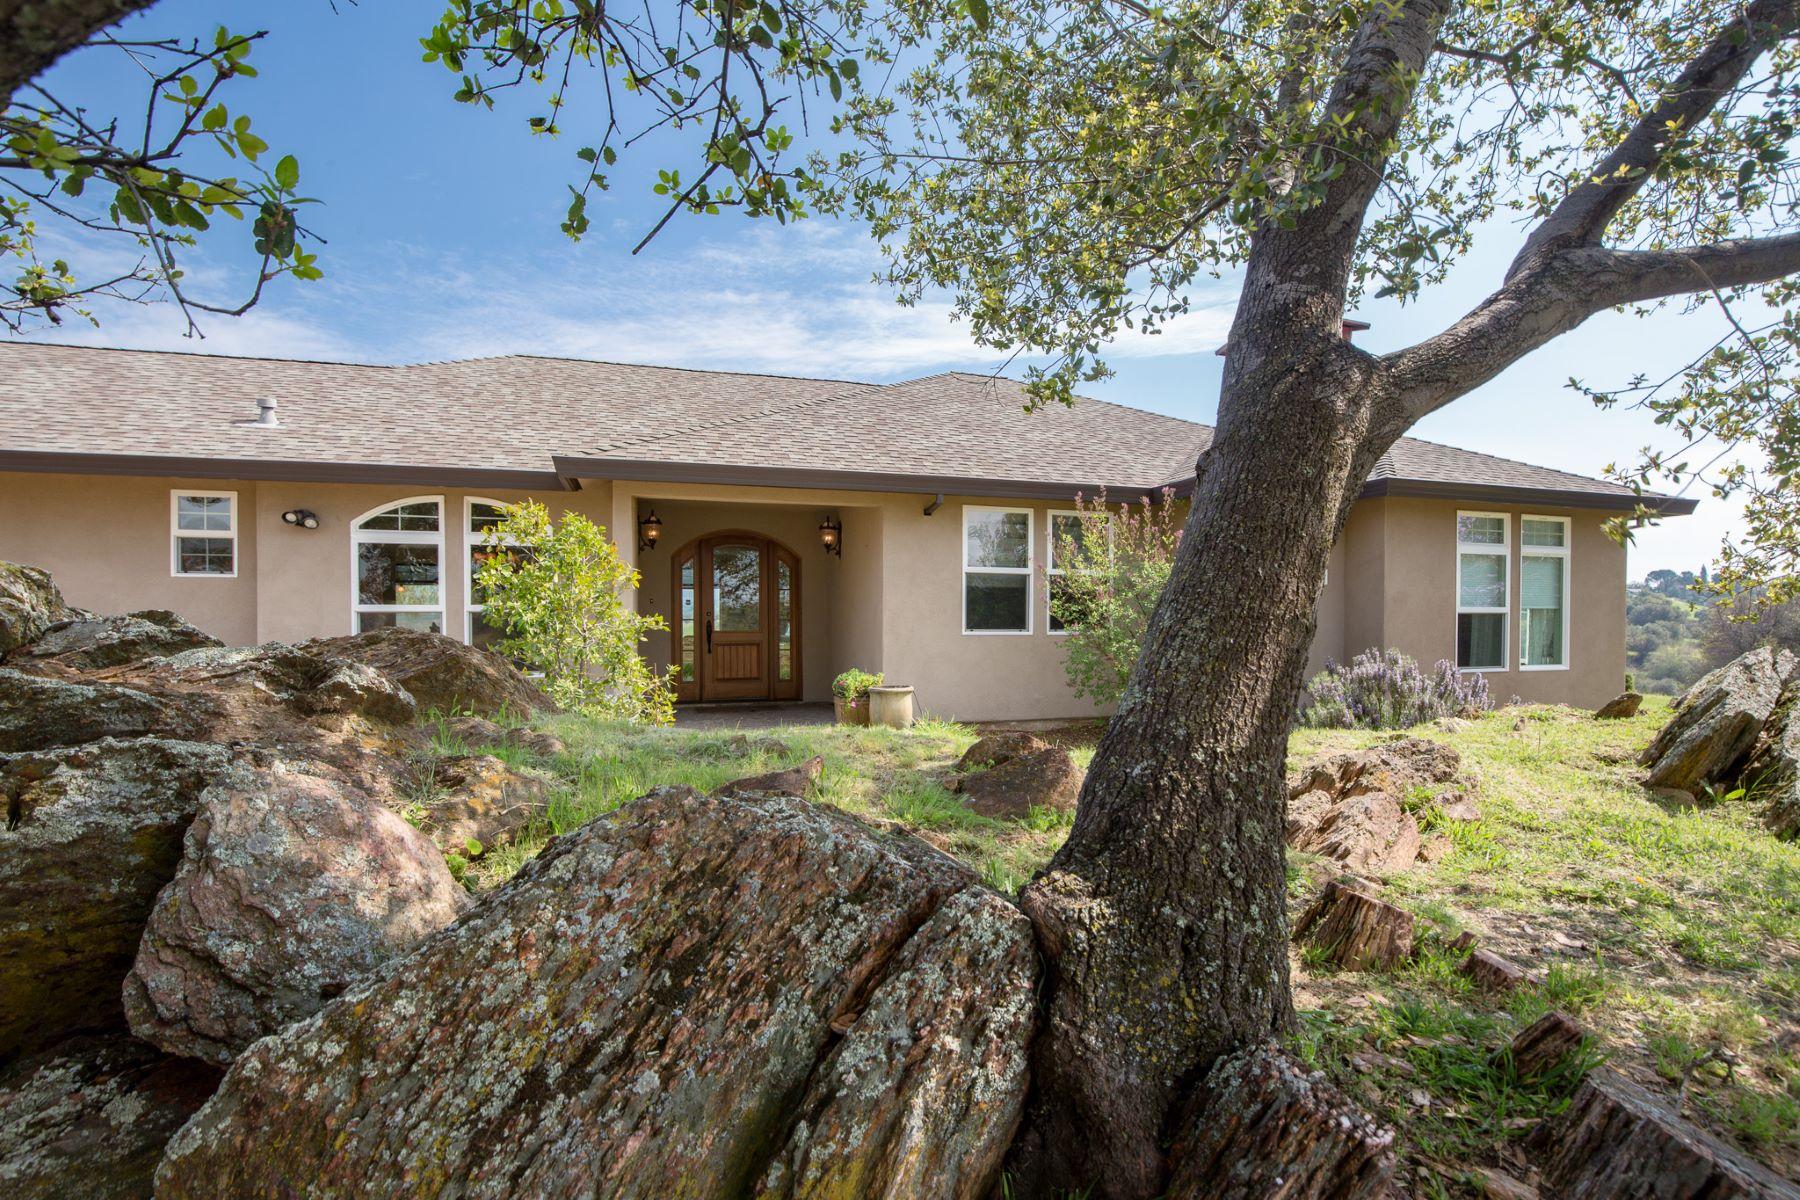 独户住宅 为 销售 在 5545 Running Ridge Plymouth, 加利福尼亚州 95669 美国